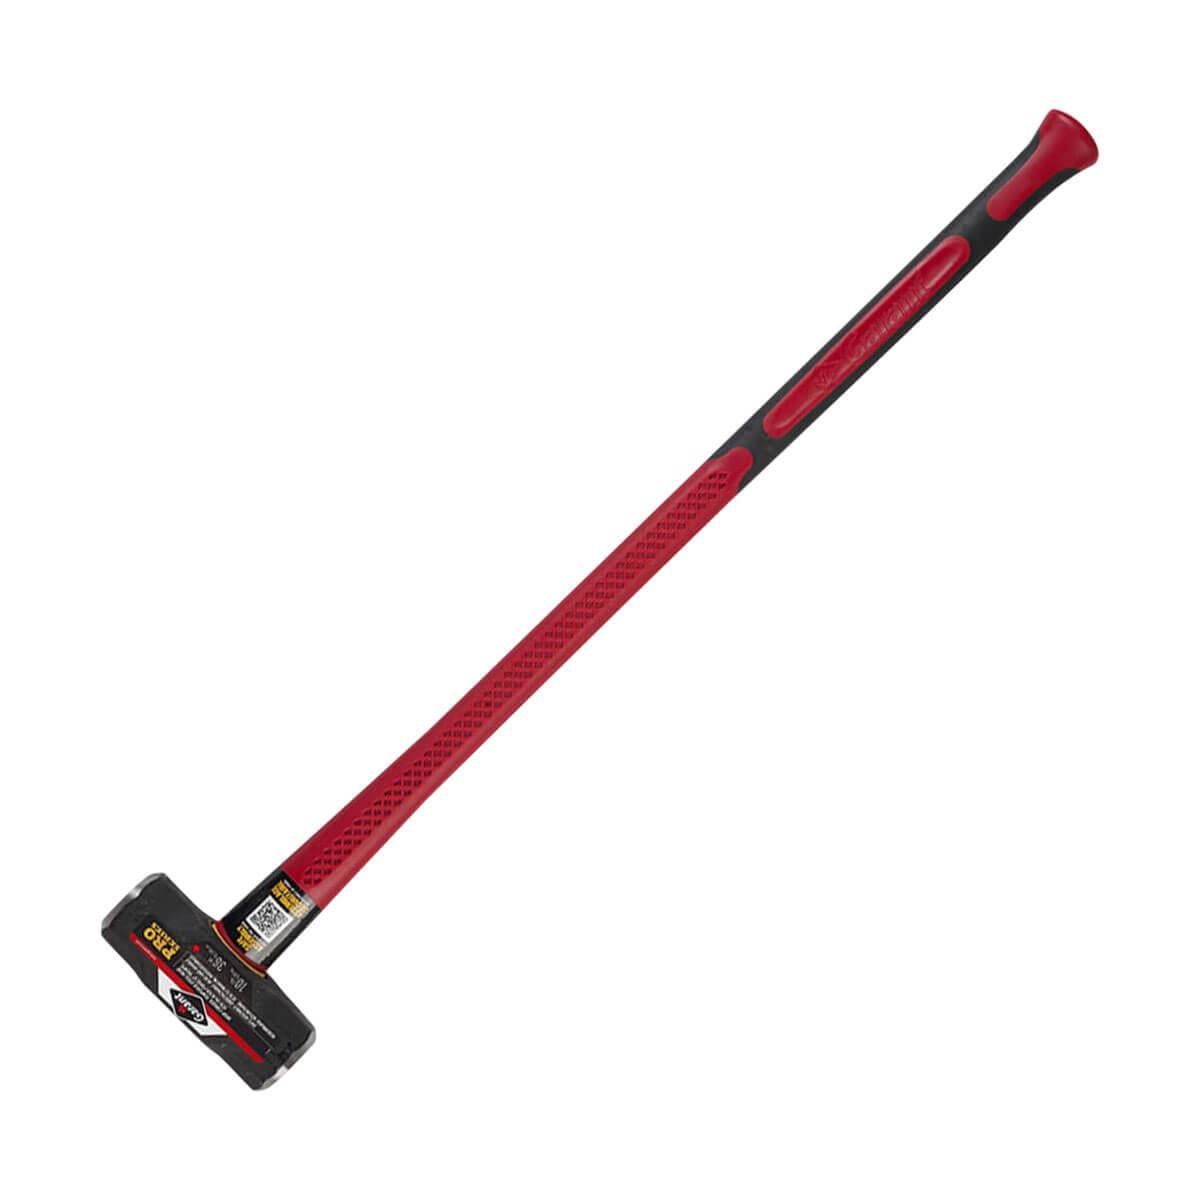 """Garant Sledge Hammer - 32"""" - 6 lb."""